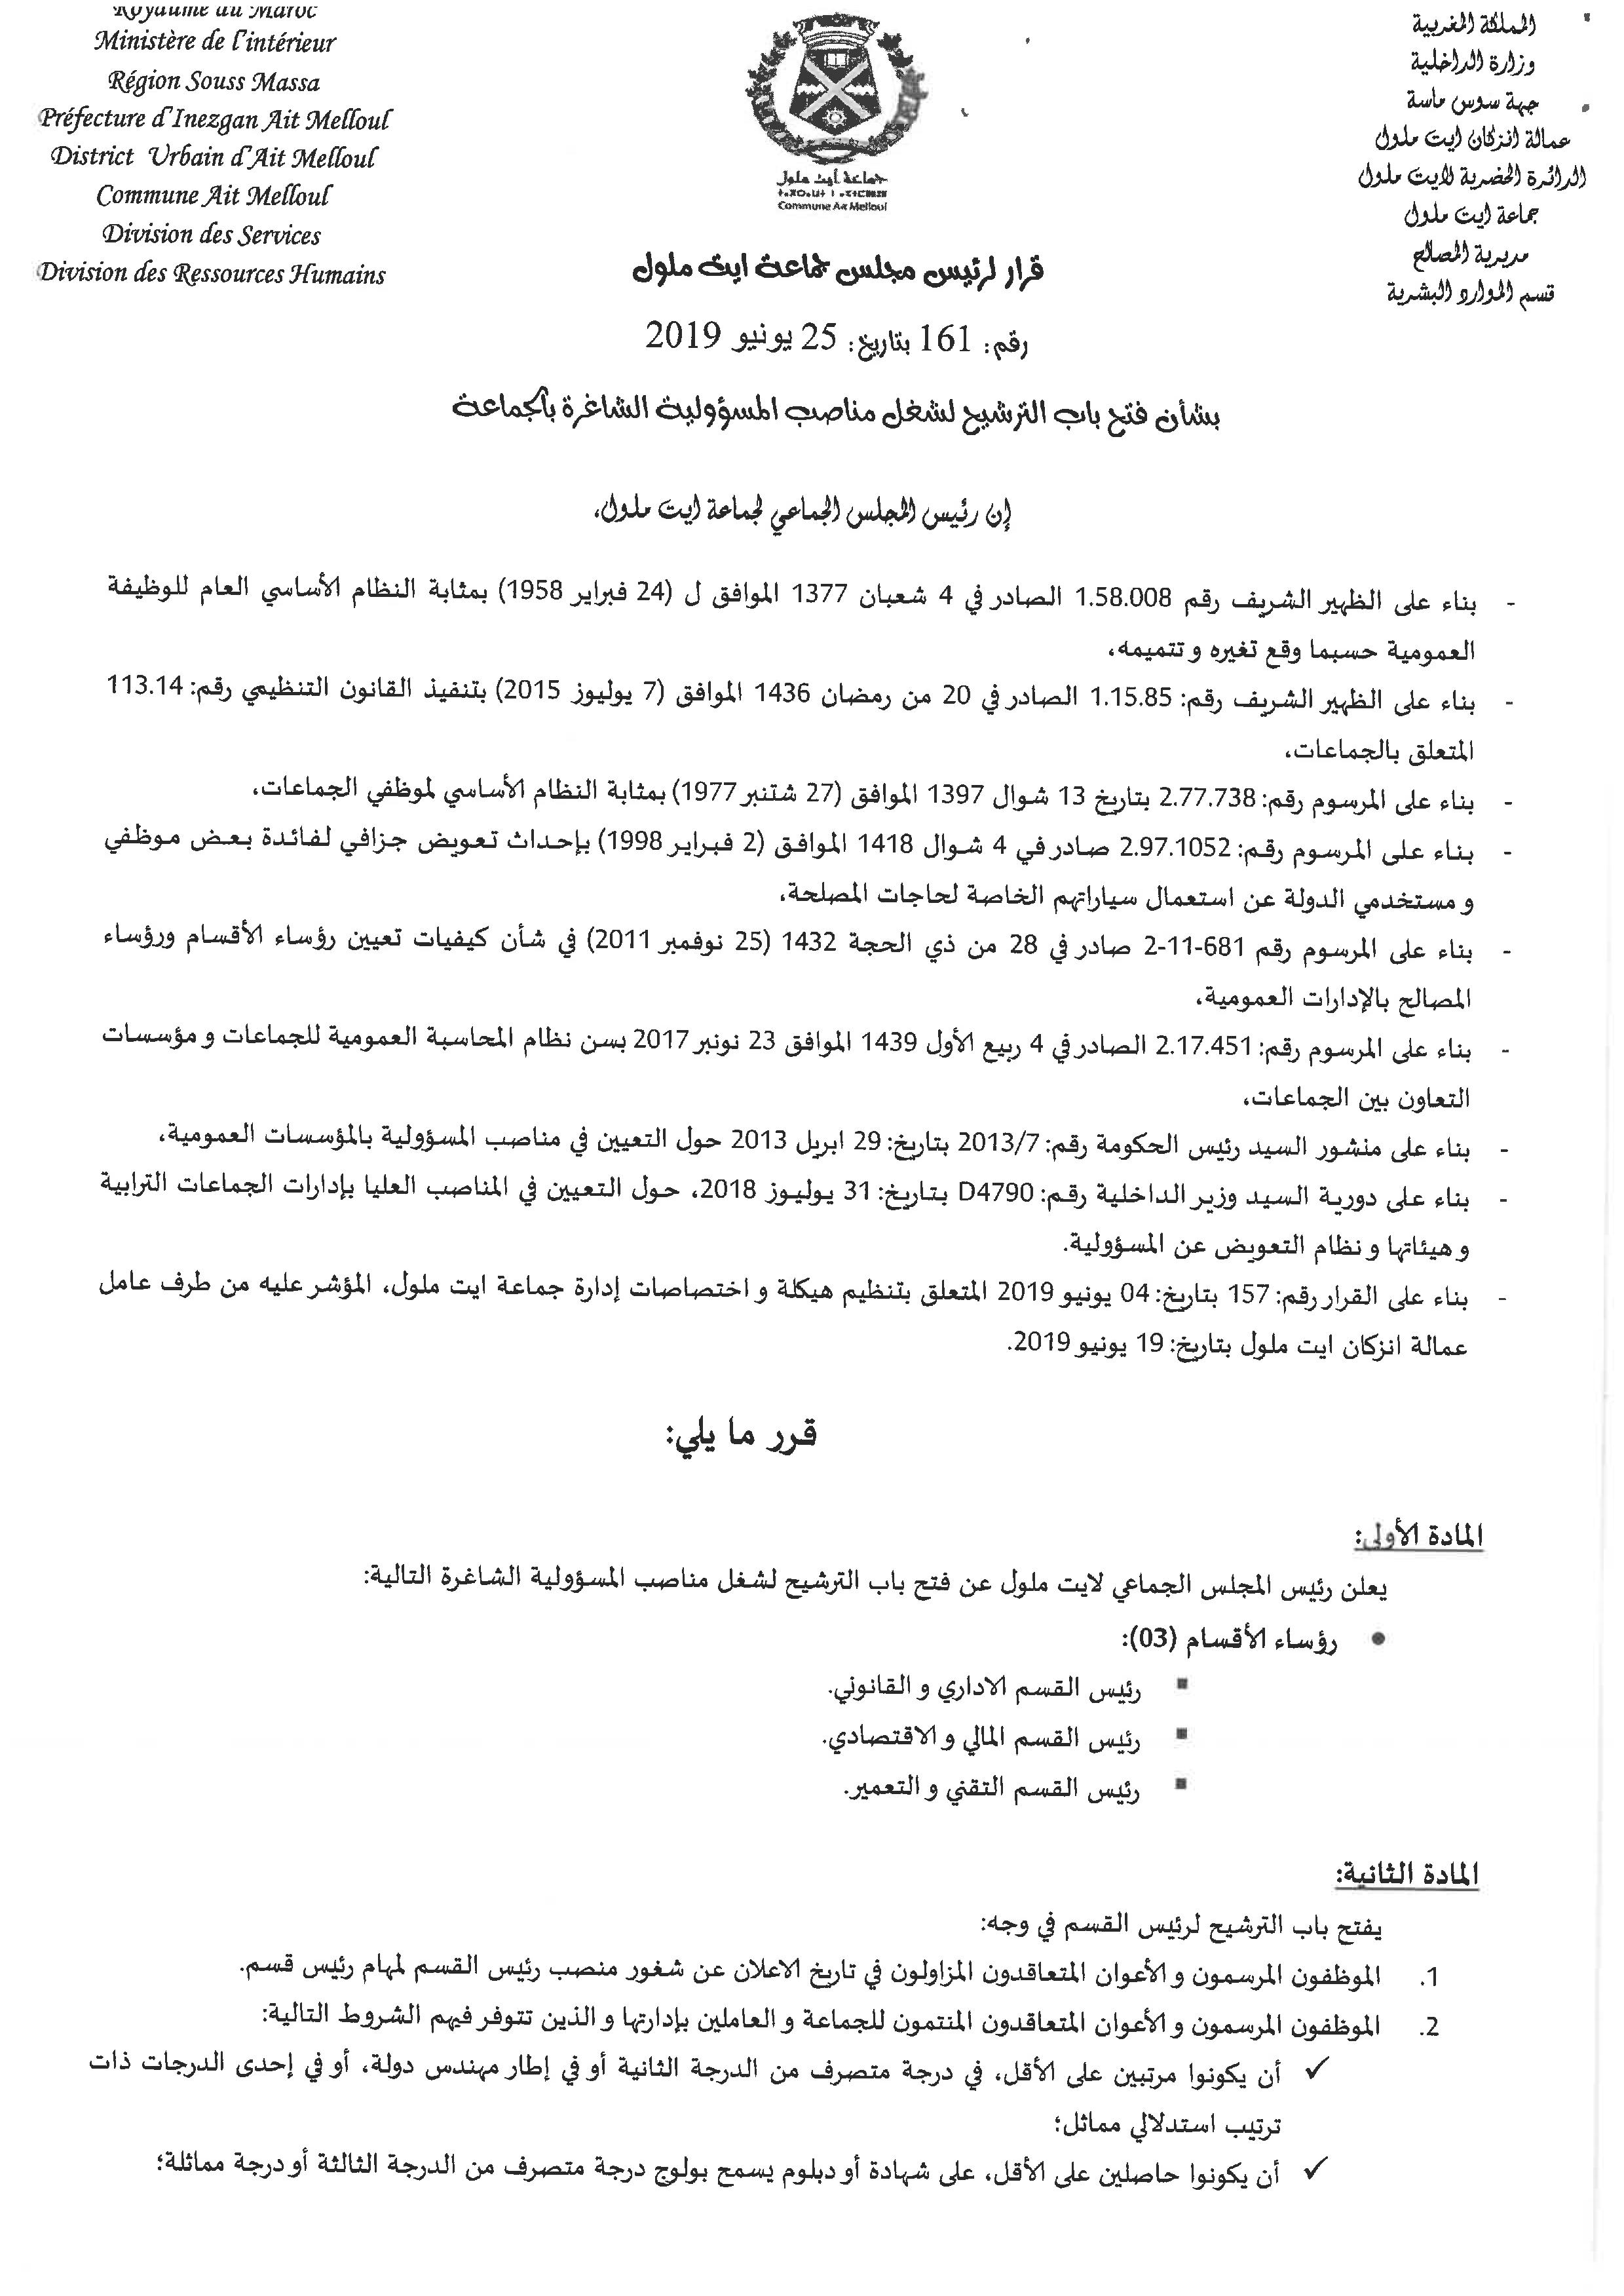 قرار رئيس المجلس الجماعي لأيت ملول بشأن فتح باب الترشيح لشغل مناصب المسؤولية الشاغرة بالجماعة